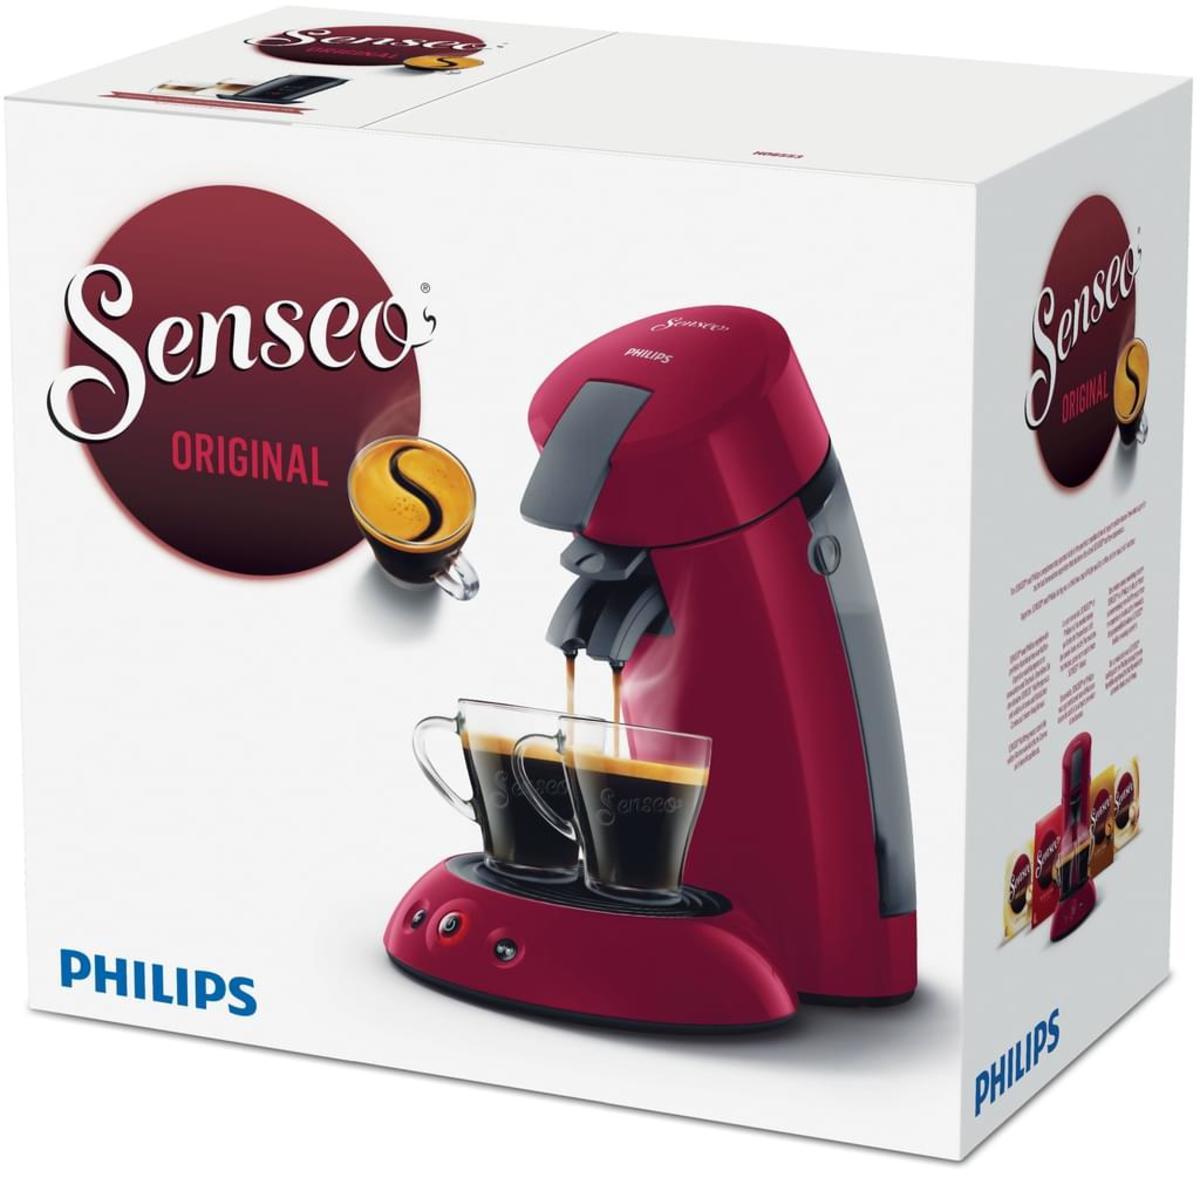 Bild 5 von Philips Senseo Kaffeepadmaschine HD 6553/80 Original, Farbe Rot